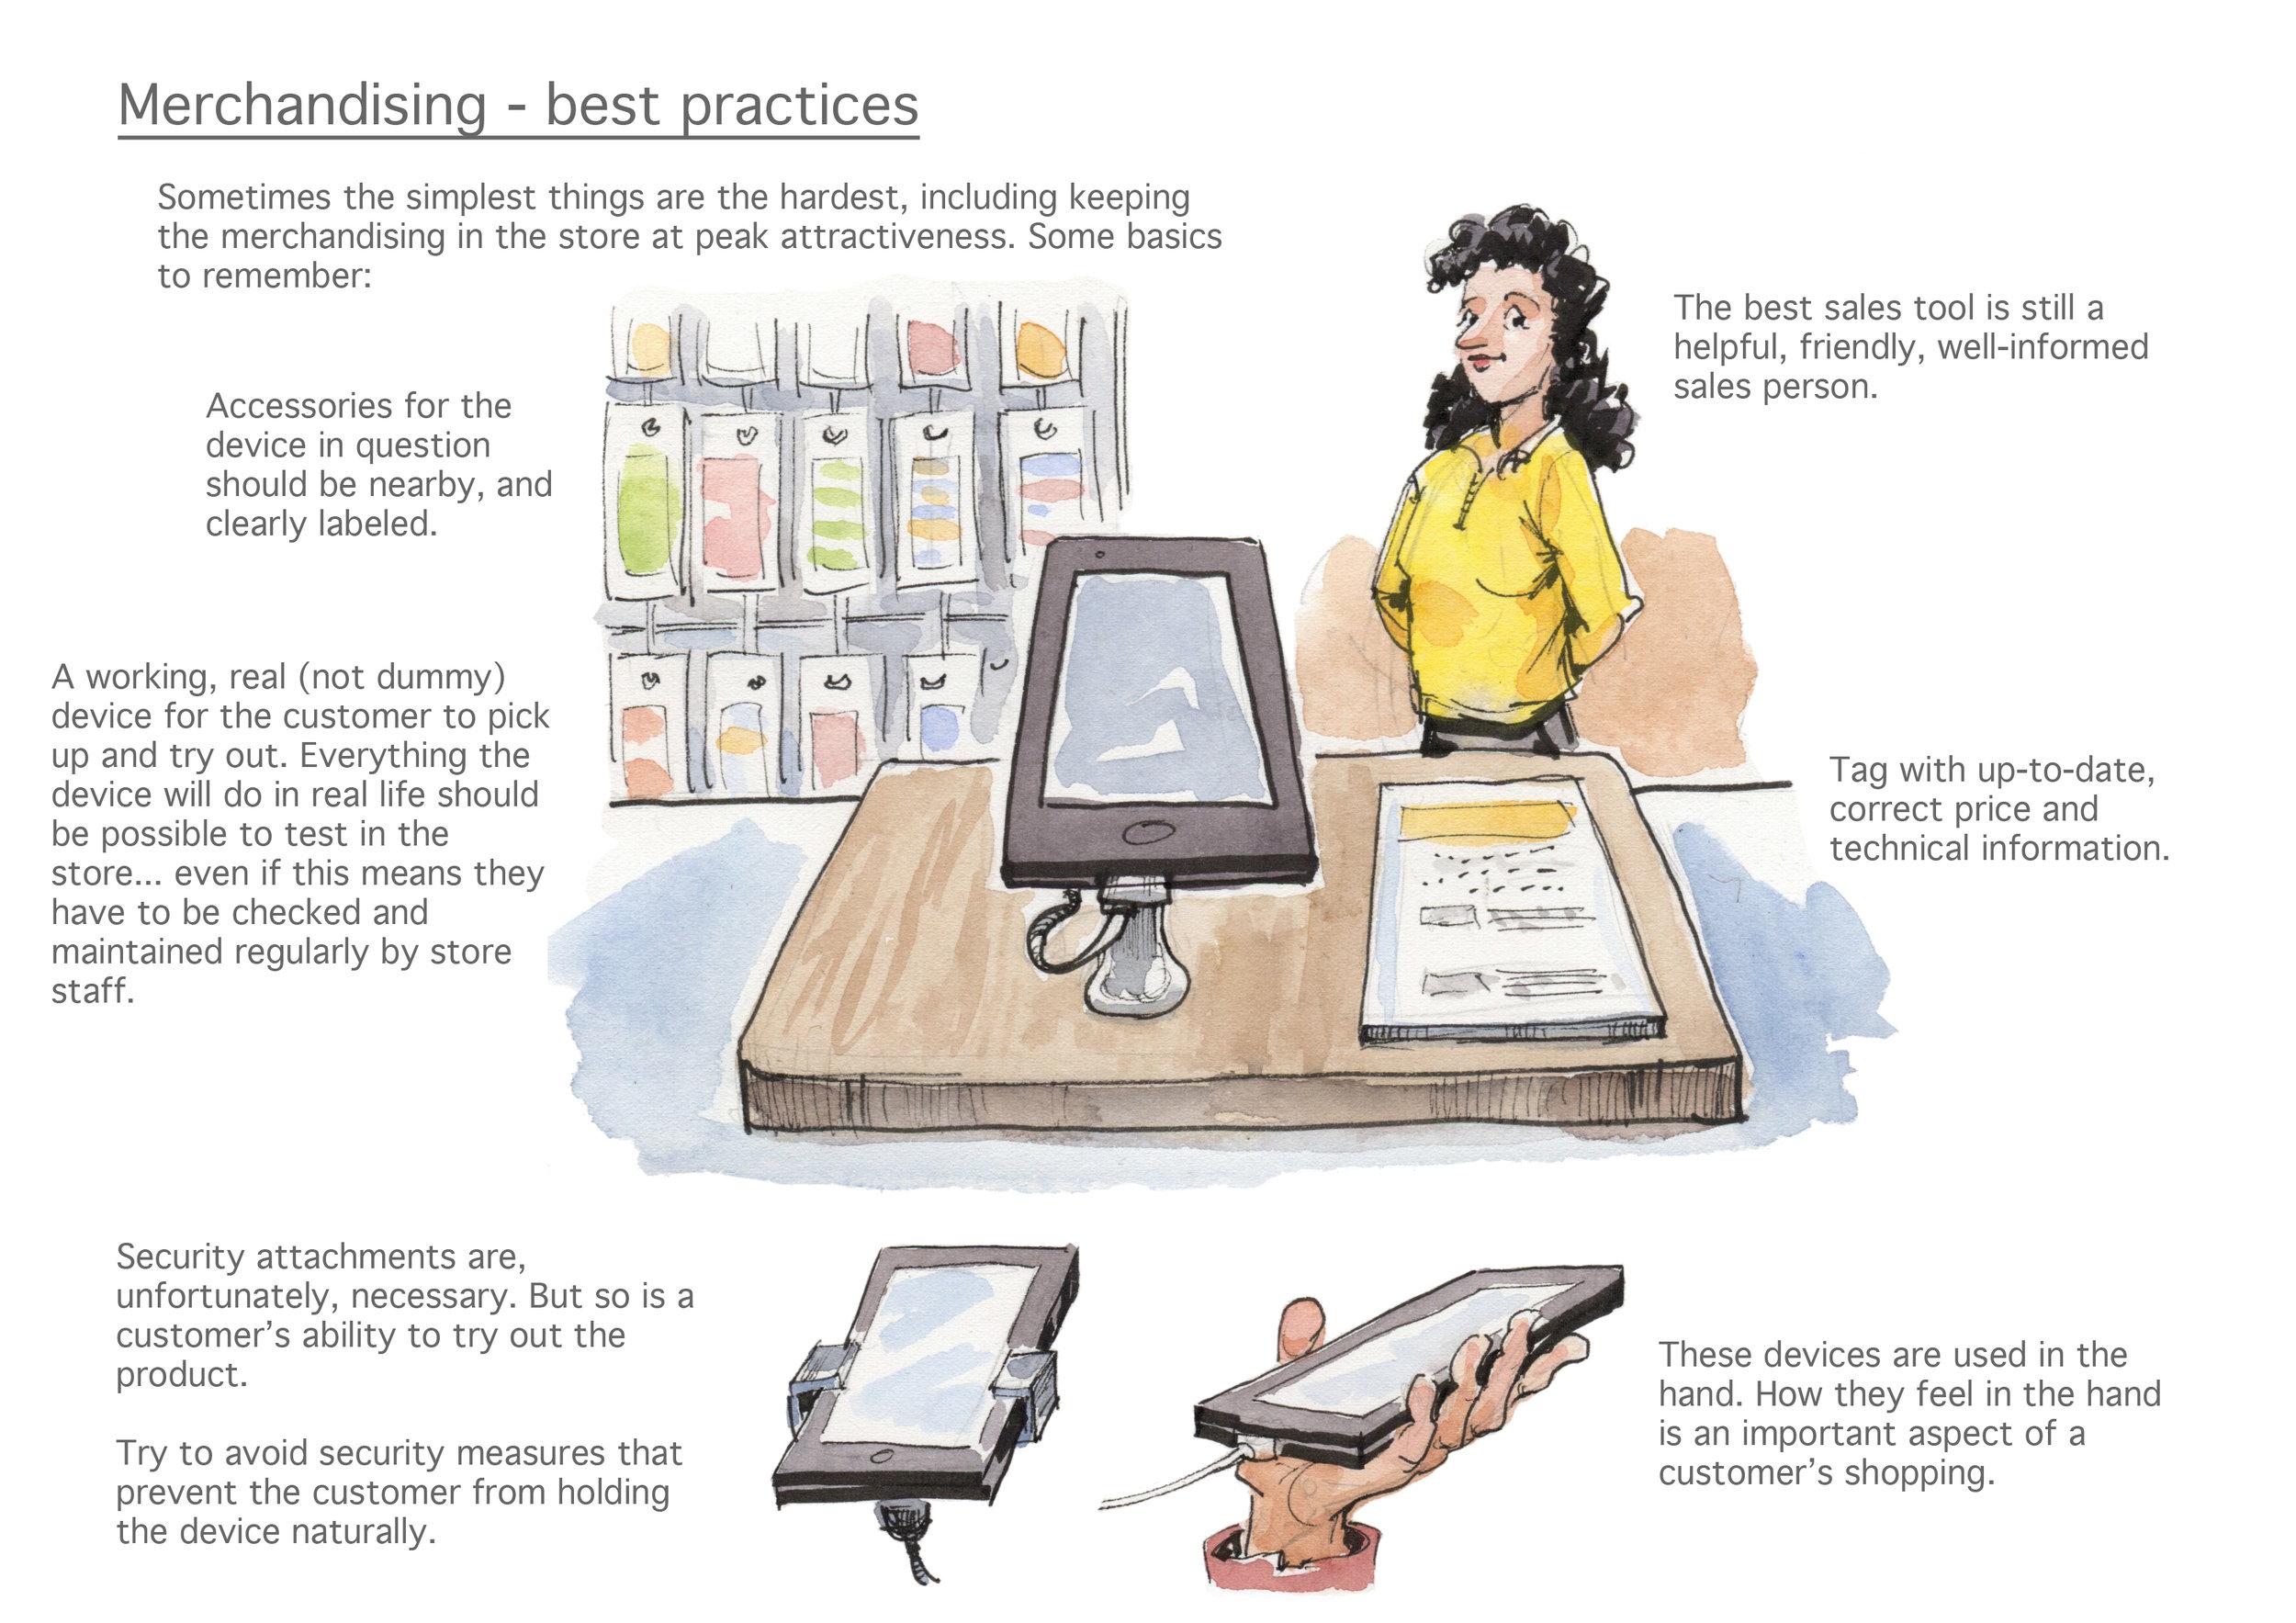 merchandising copy 2.jpg